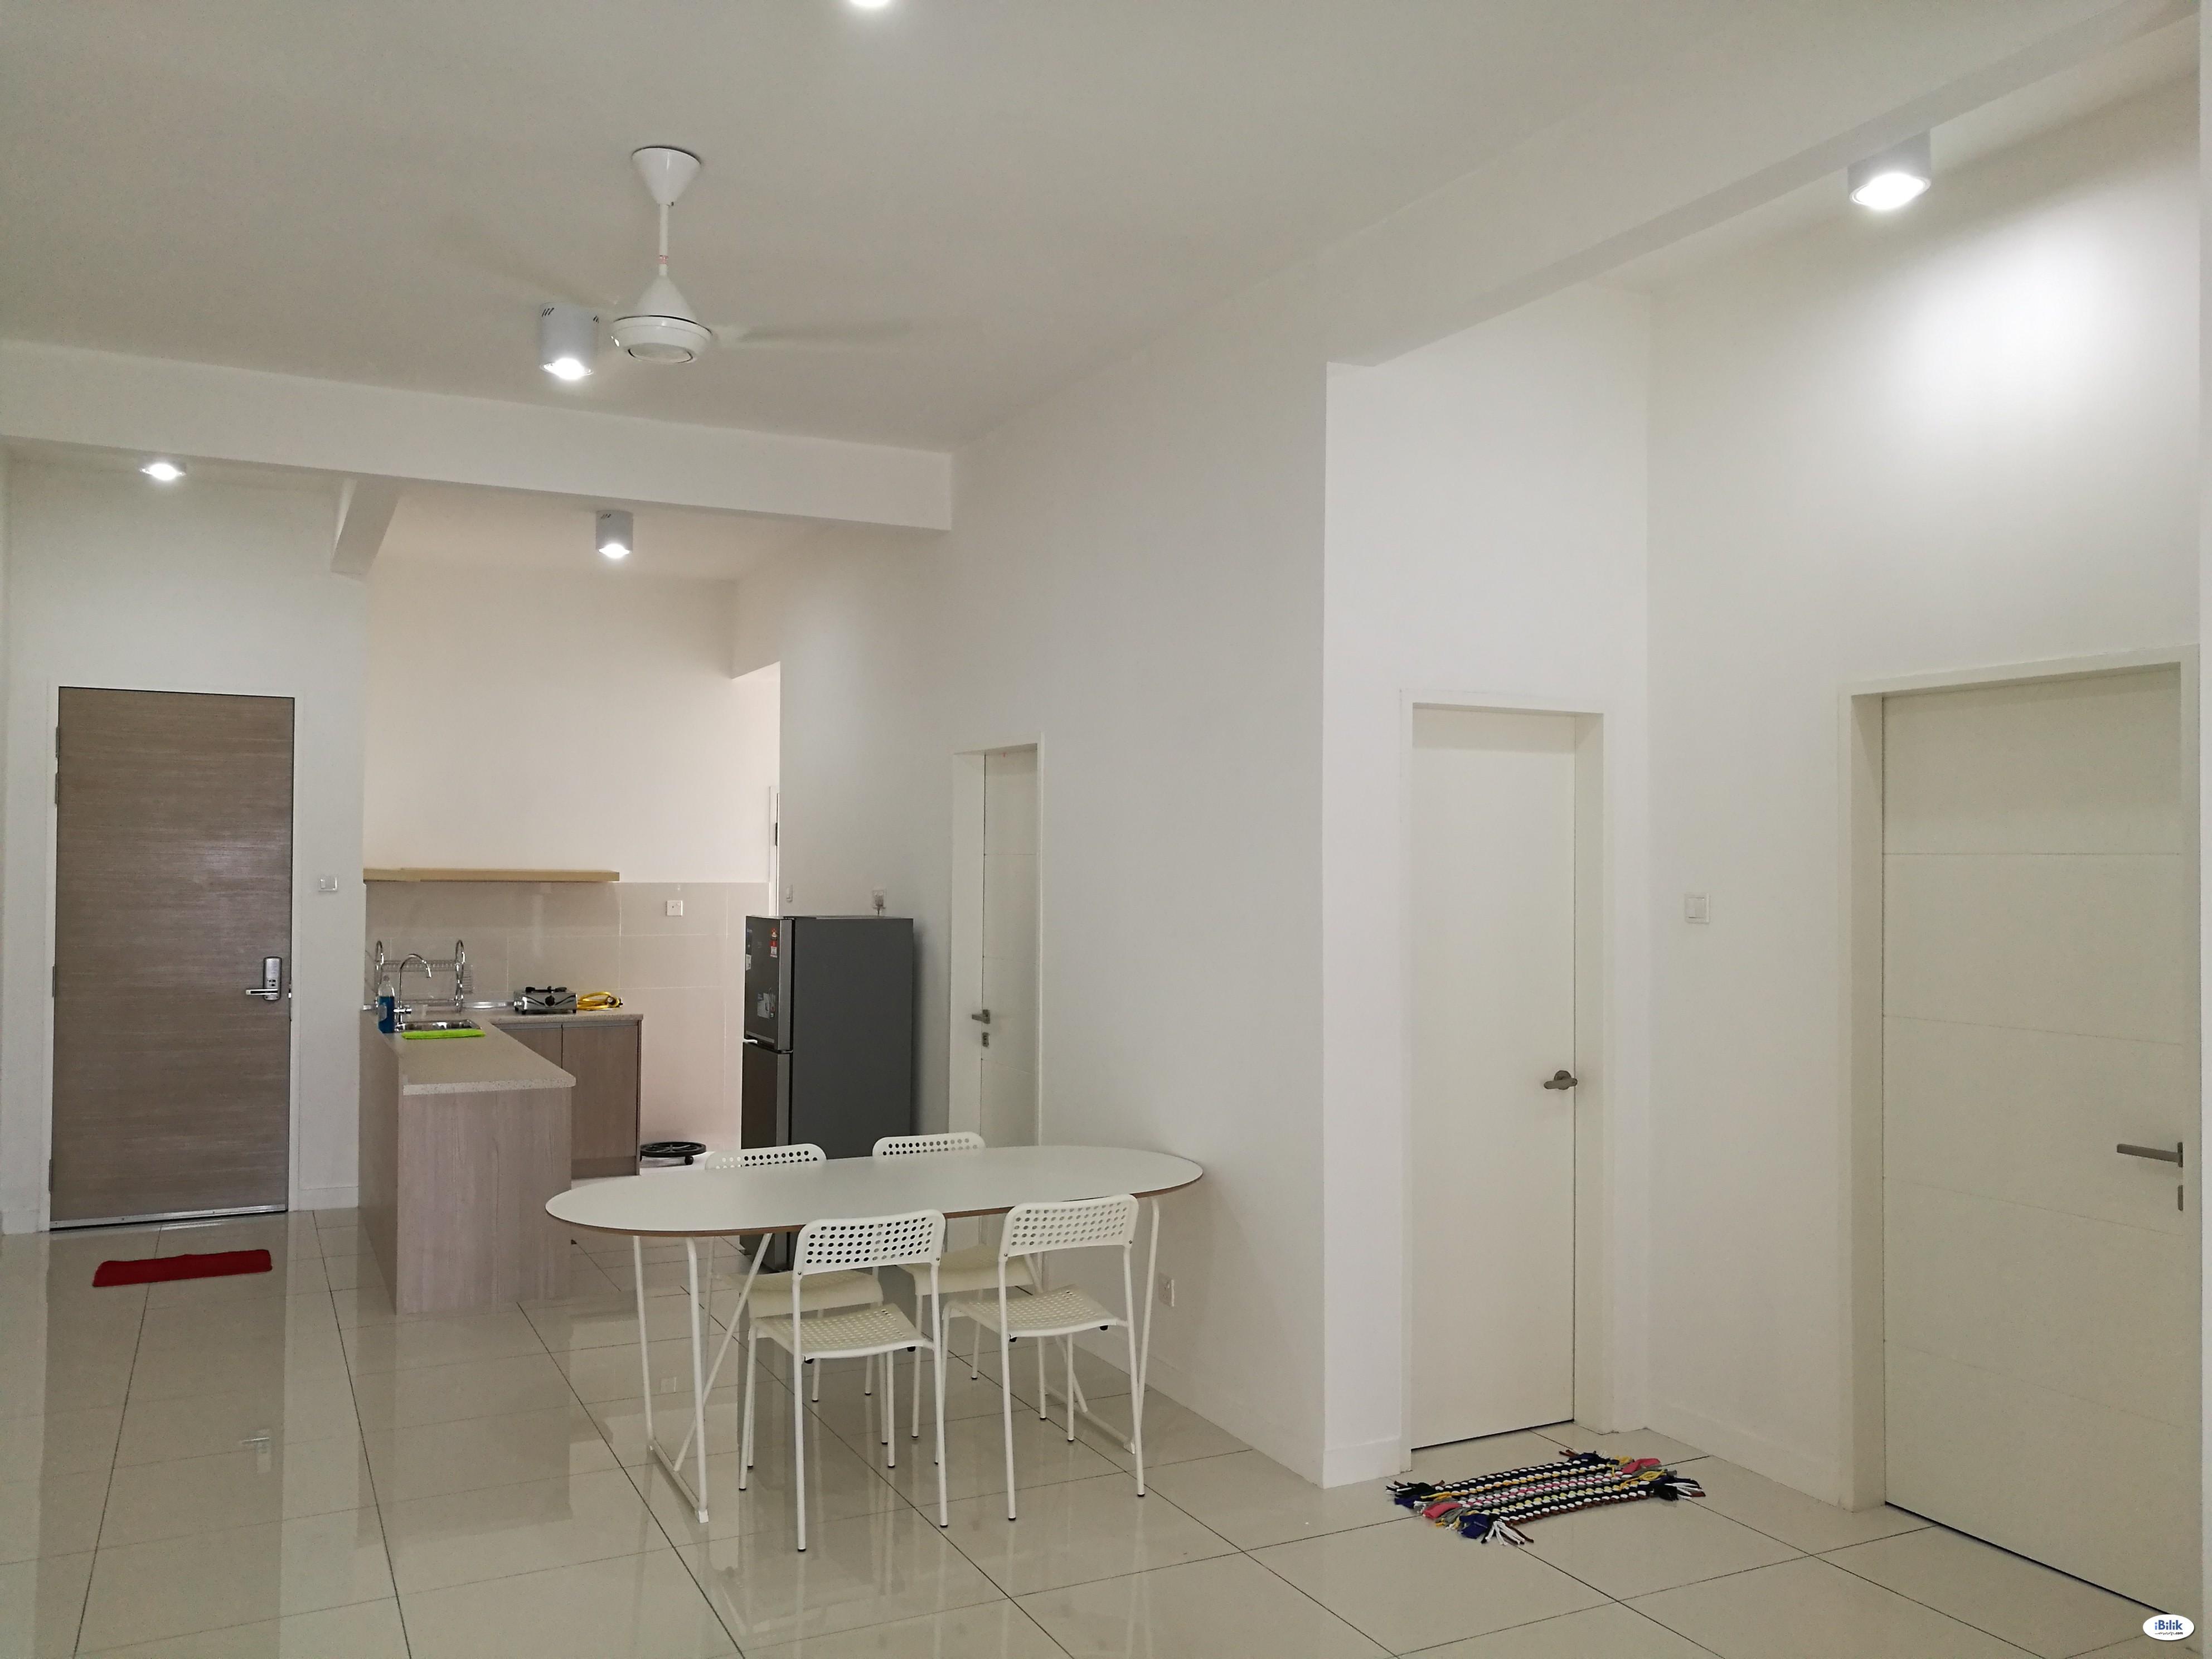 Middle Room at Skypod, Bandar Puchong Jaya